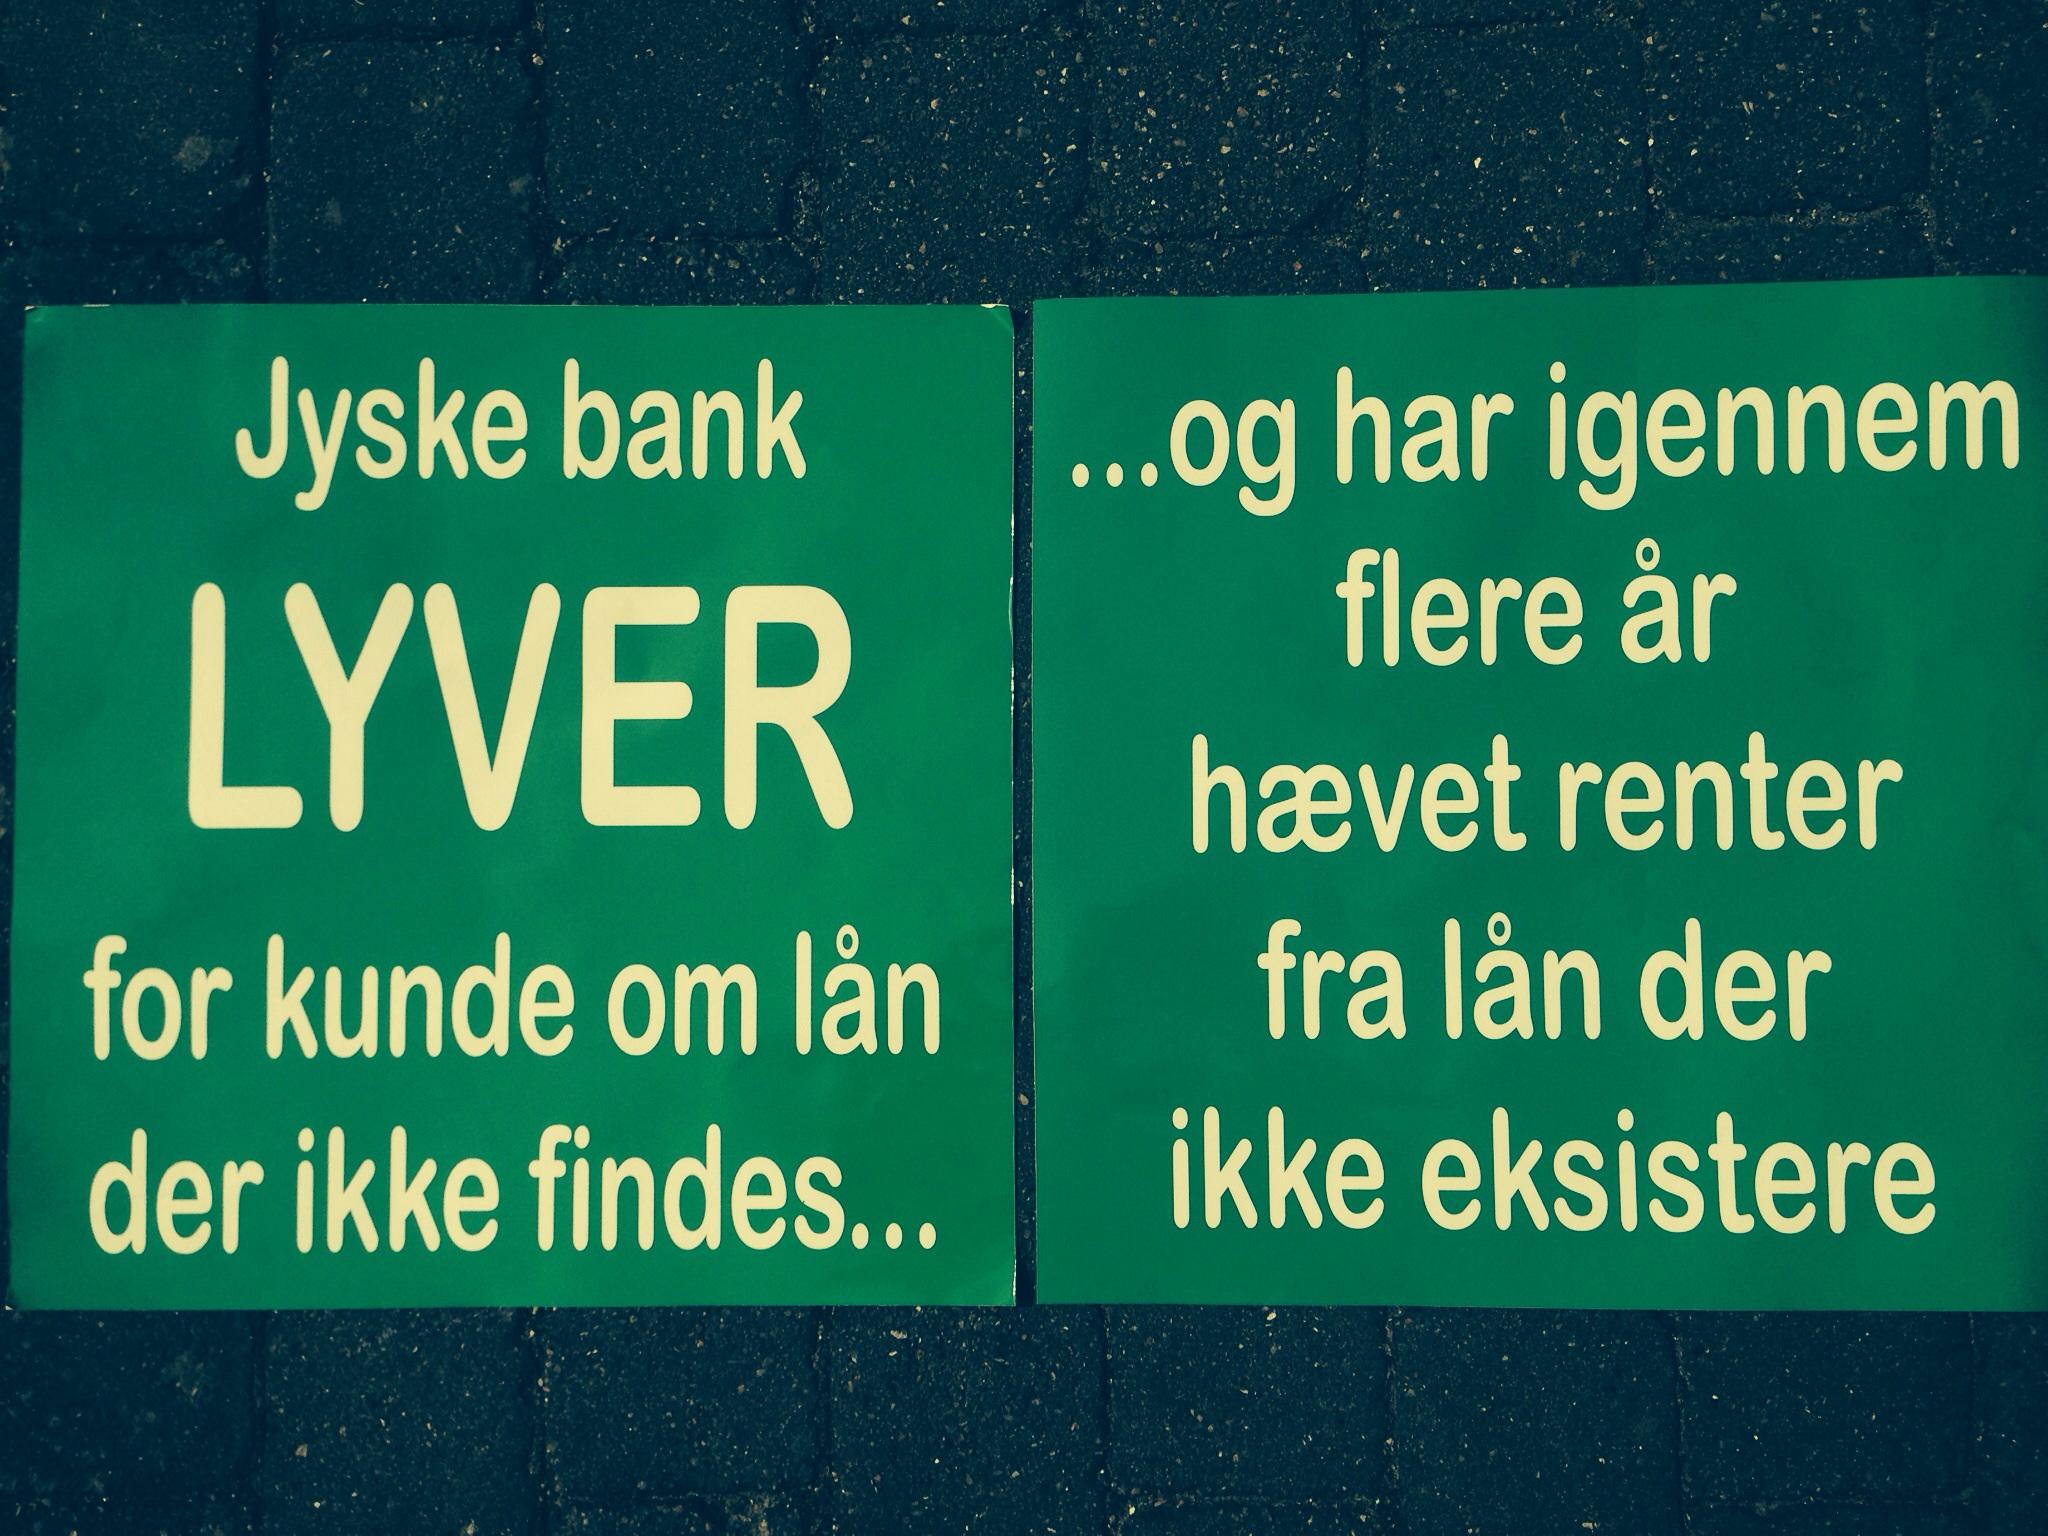 Financial help for lawyer search In the case against Danish bank jyske bank for fraud. :-) Indsæt dit bidrag her. Insert your contribution here Reg. 5479 konto nr. 0004563376 IBAN-kontonummer Account DK0854790004563376 ---------------------- See more at www.banknyt.dk Small family struggling against Jyske Bank.